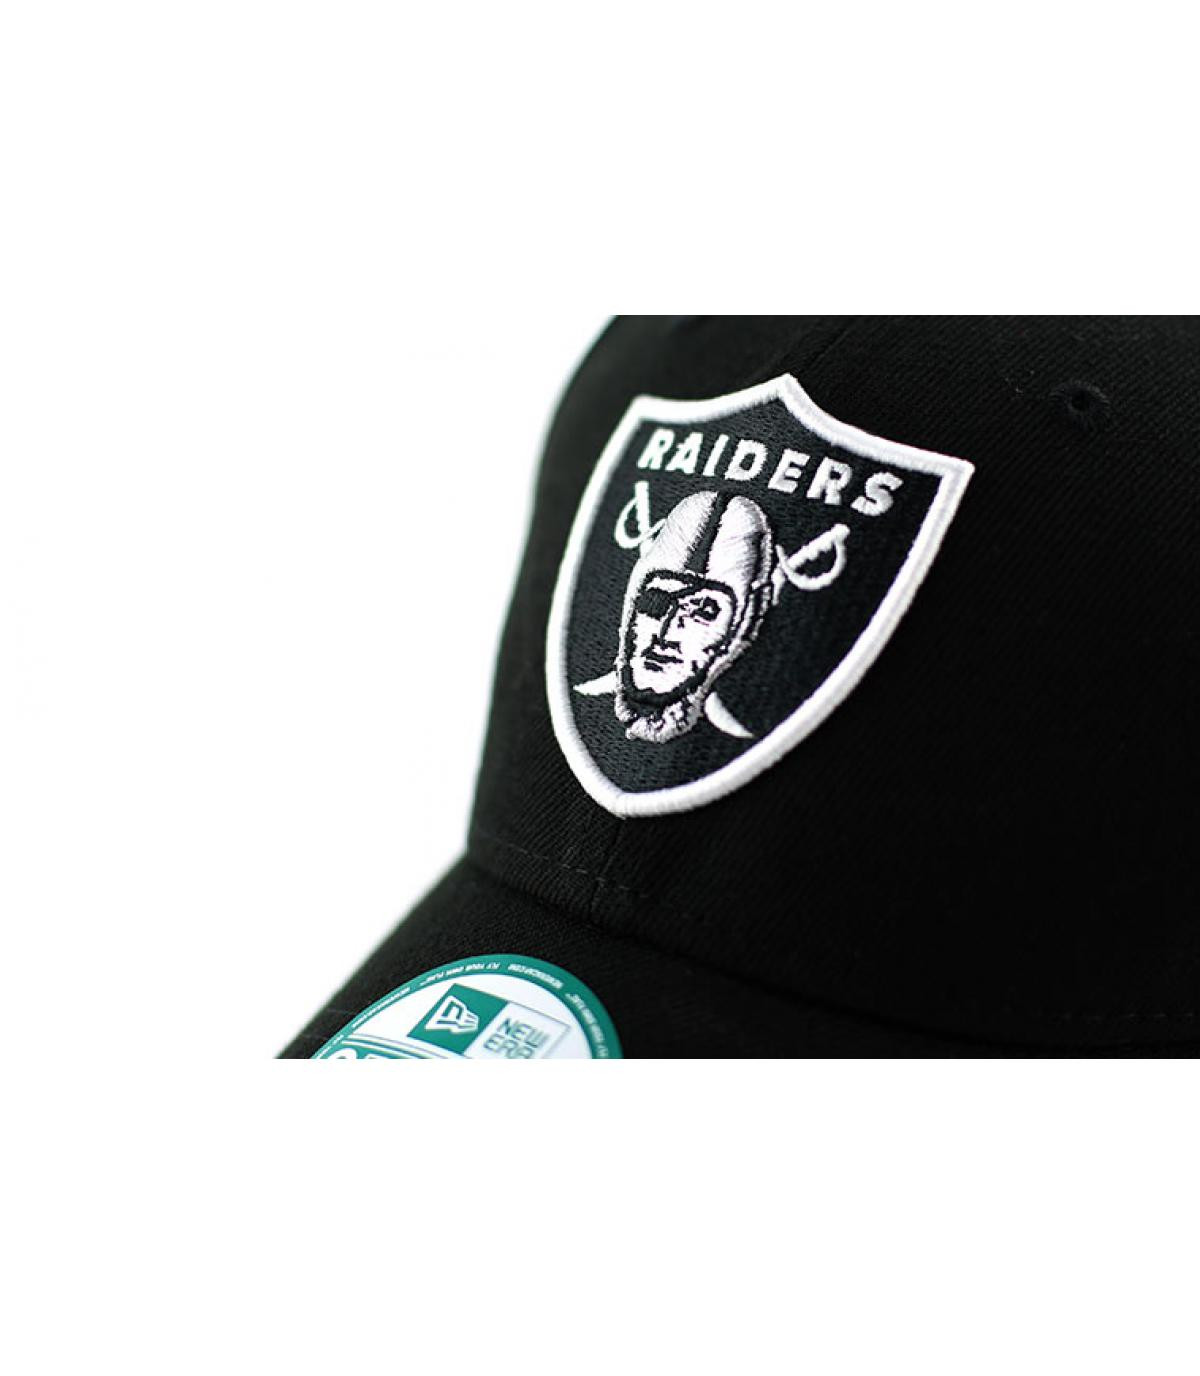 Détails Casquette Raiders NFL The League - image 3